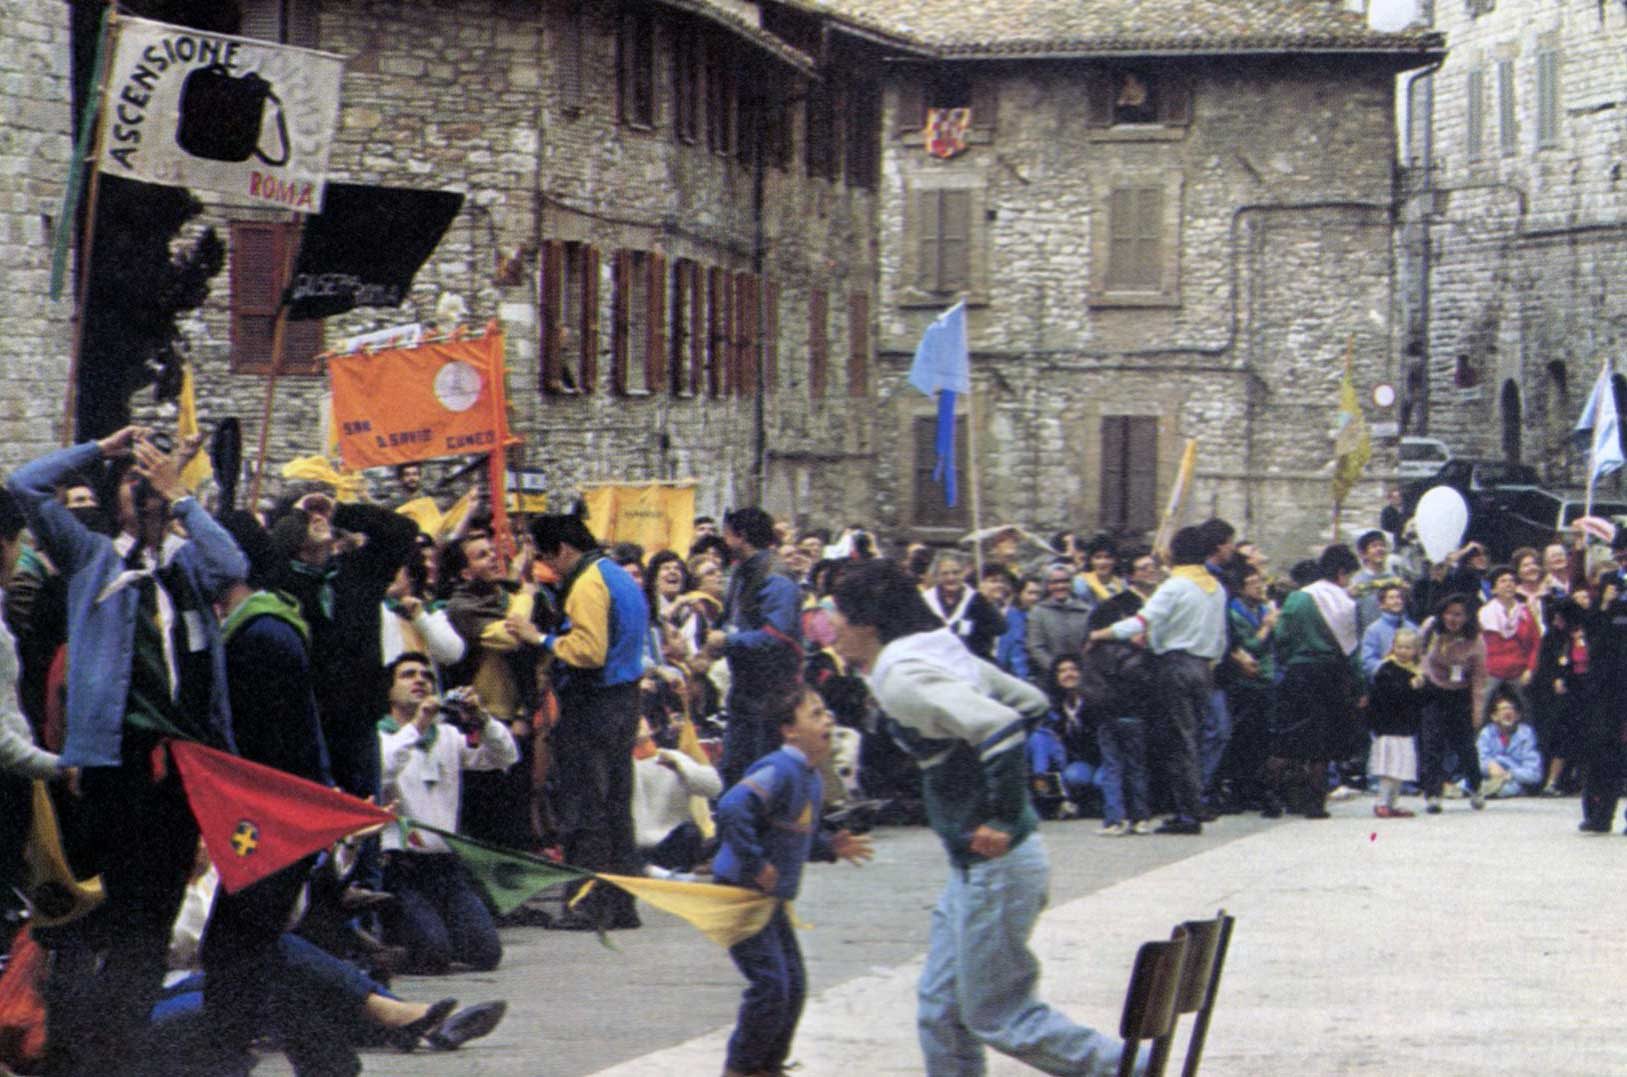 024 - Le foto del pellegrinaggio di Assisi 1986 - Ombre e Luci n.14, 1986